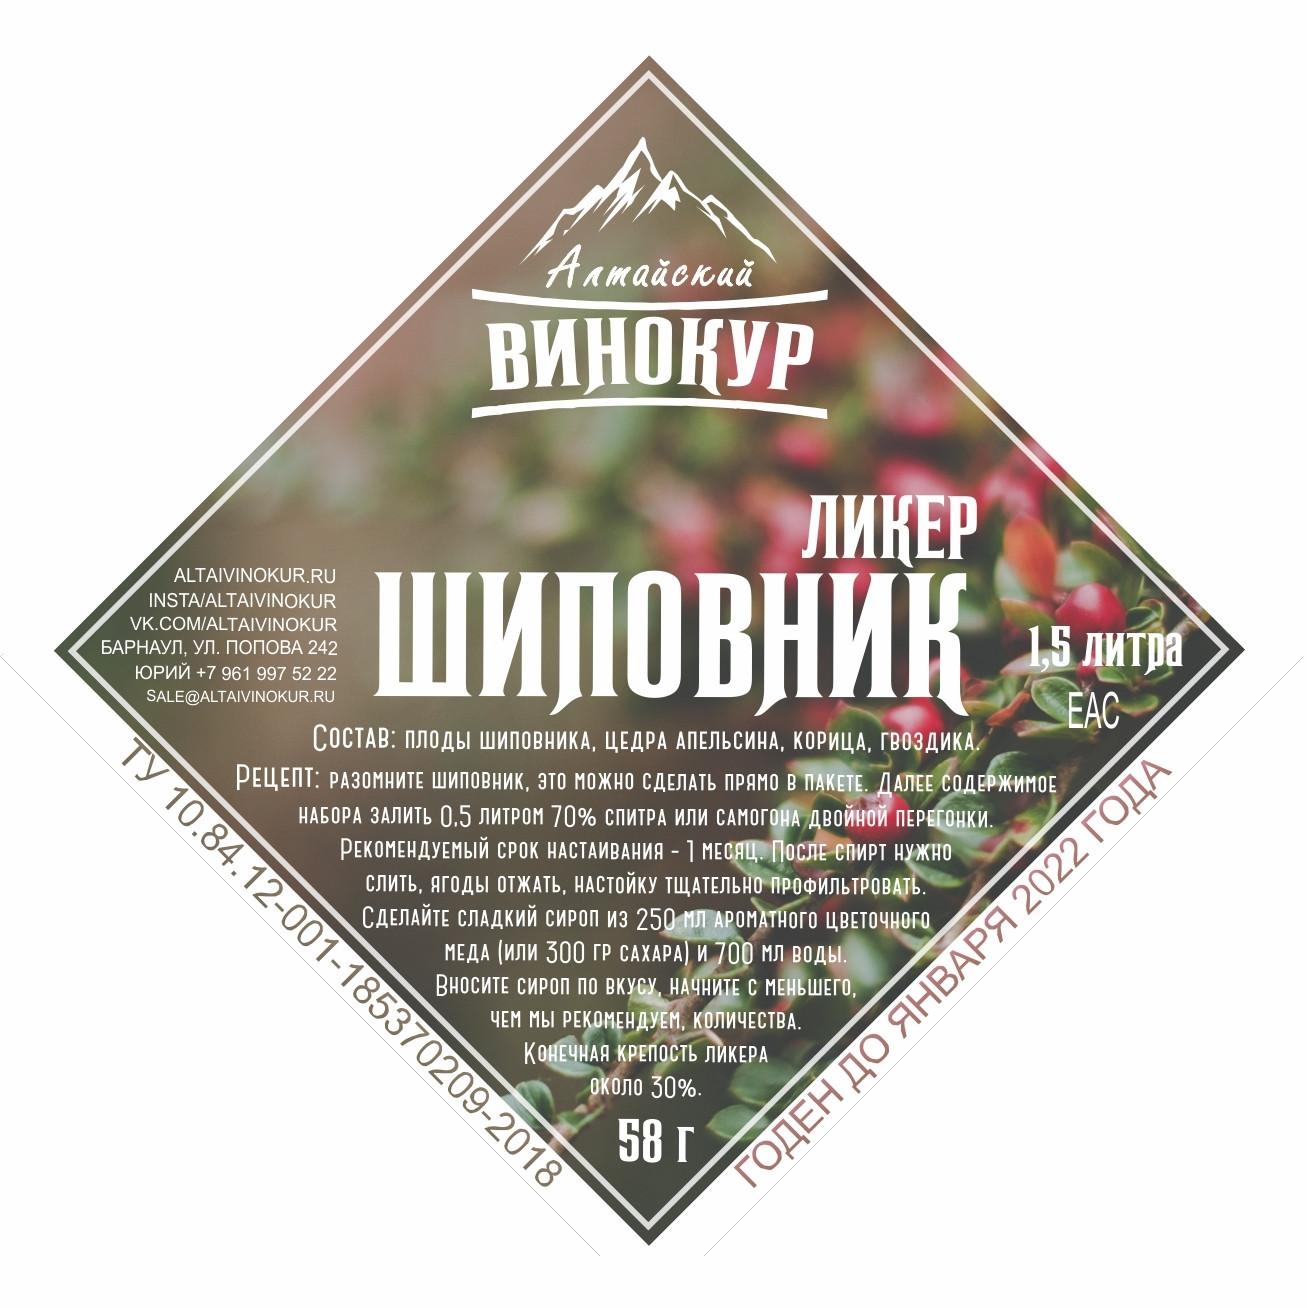 """Набор для настаивания """"Ликёр Шиповник"""" (Алтайский винокур)"""